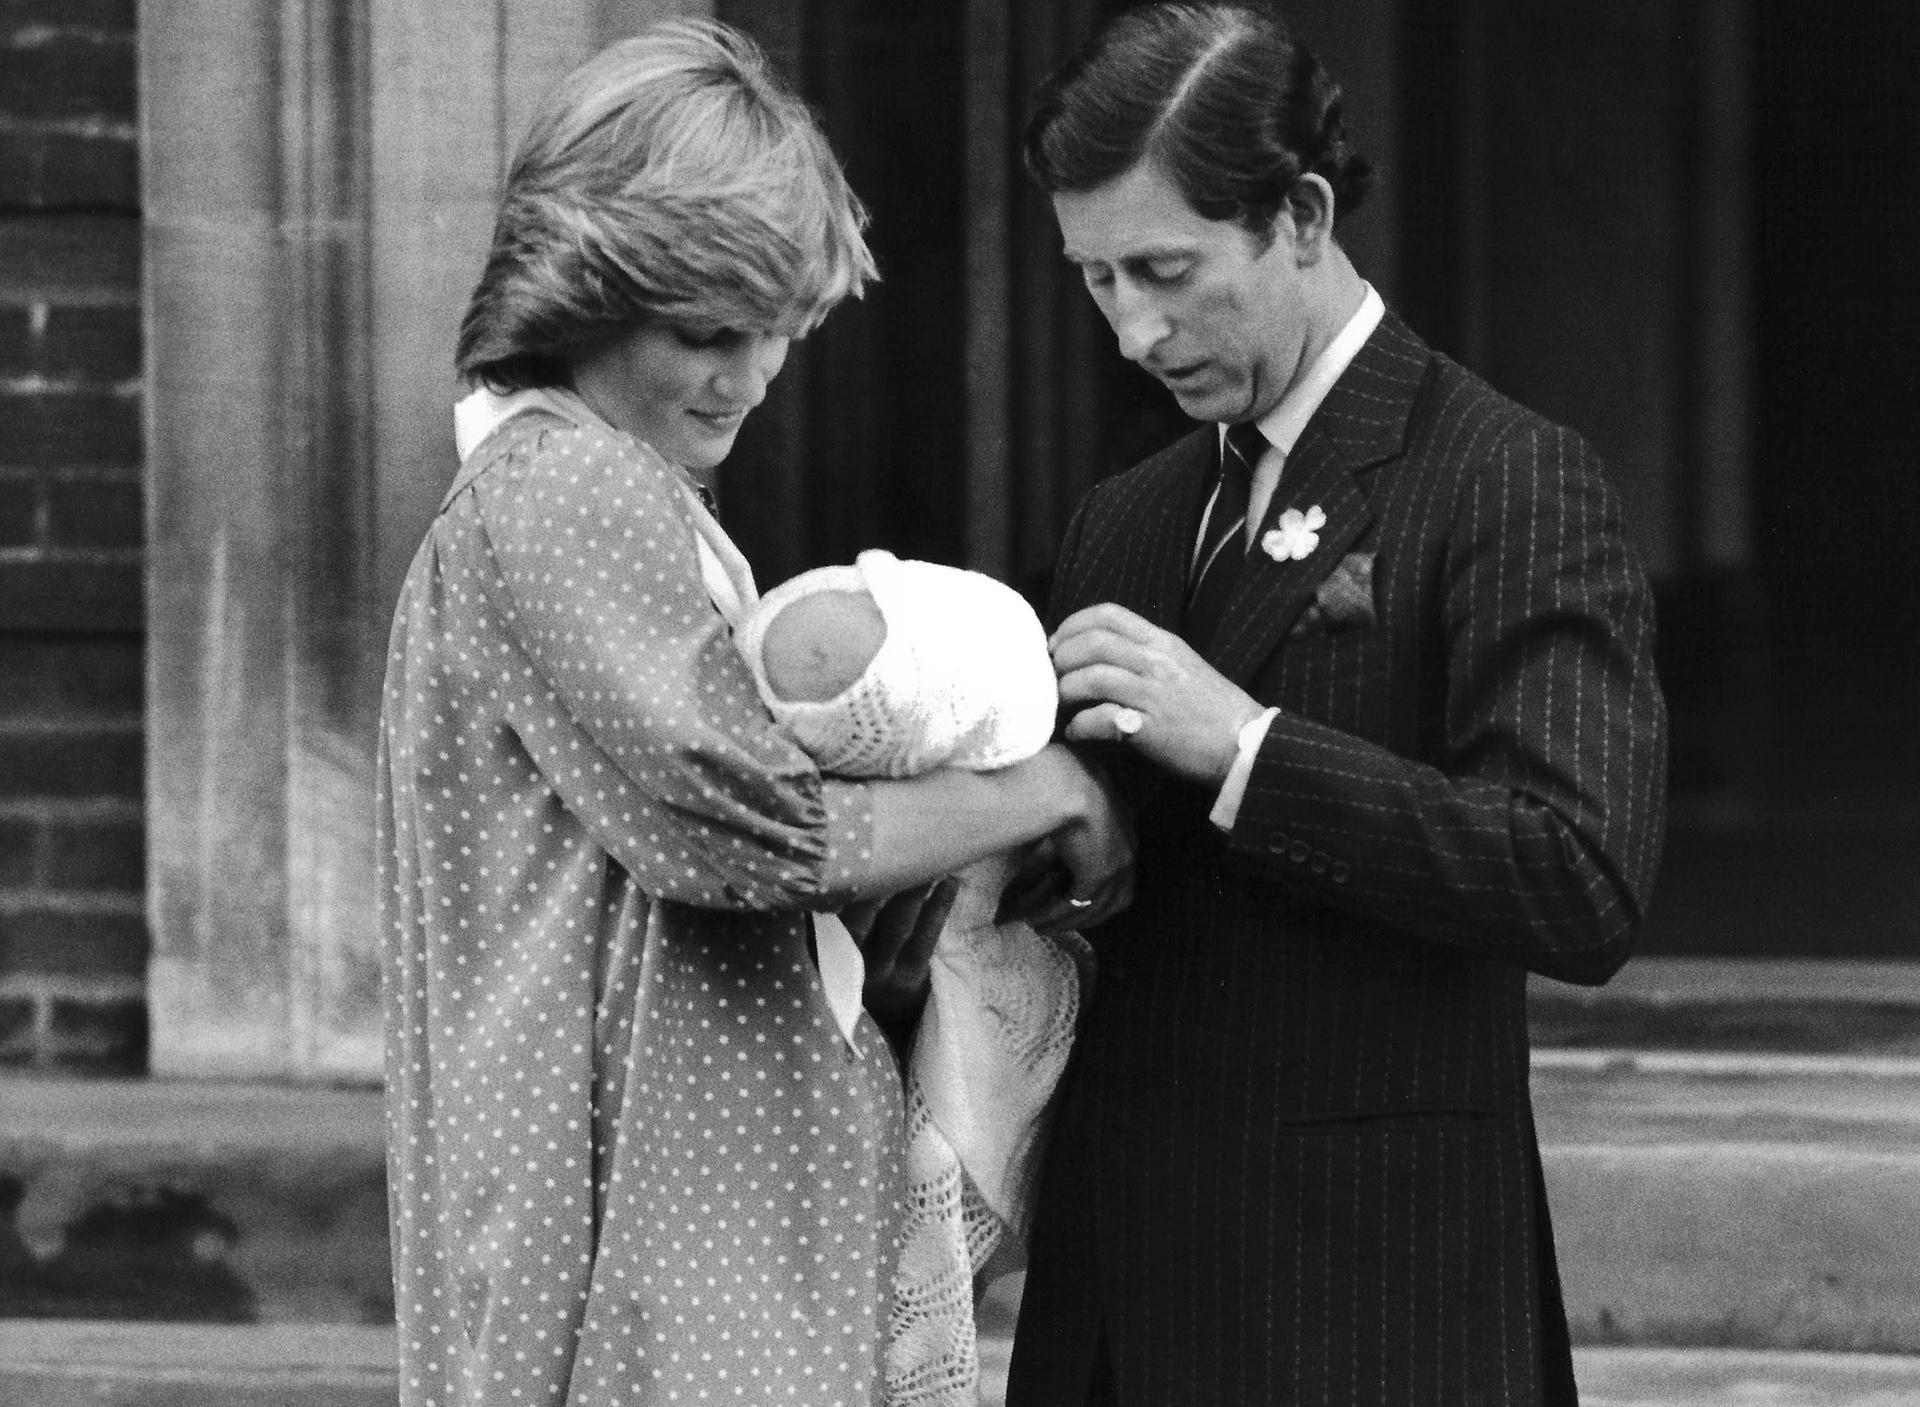 En su primera aparición luego de haber dado a luz, Diana eligió un vestido a lunares midi con un gran lazo en el cuello blanco en forma de moño